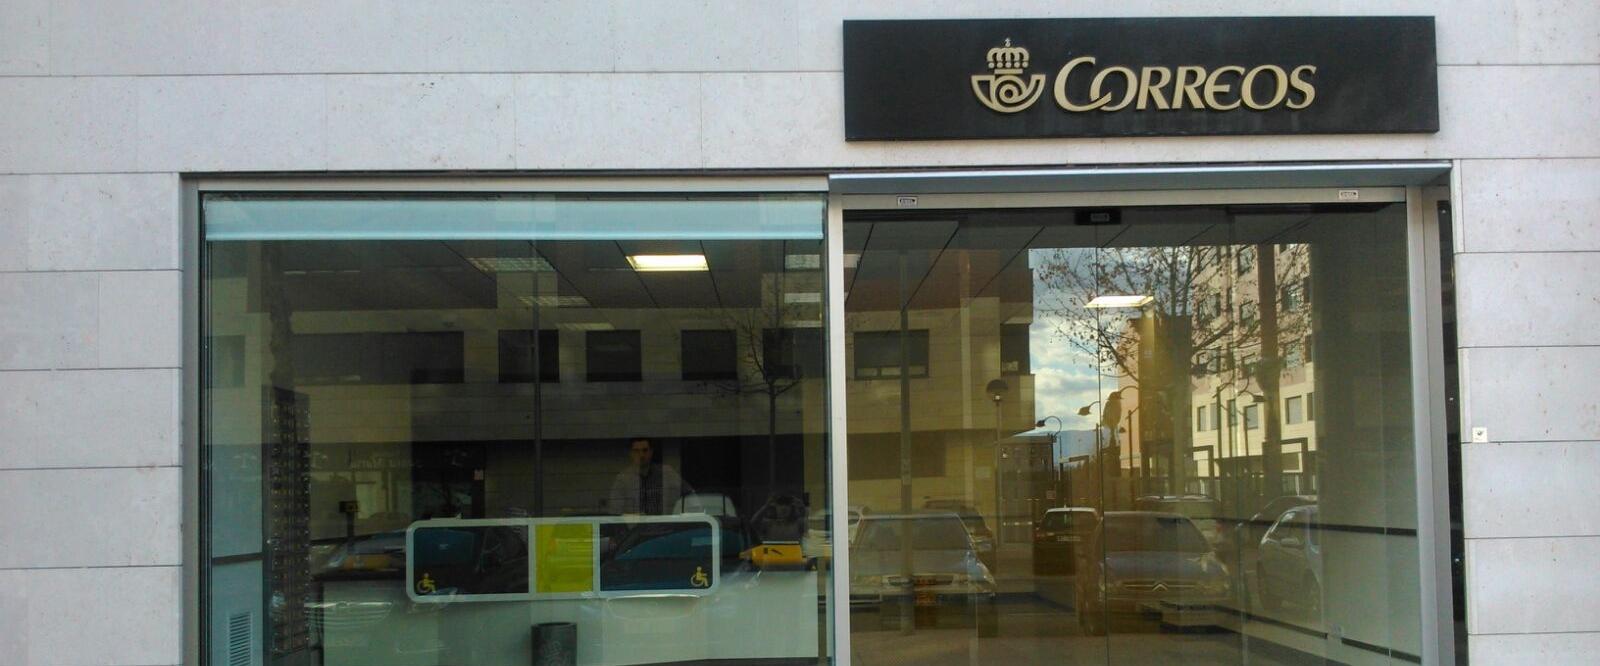 Correos abre una nueva oficina en cascajos for Oficina de correos parla